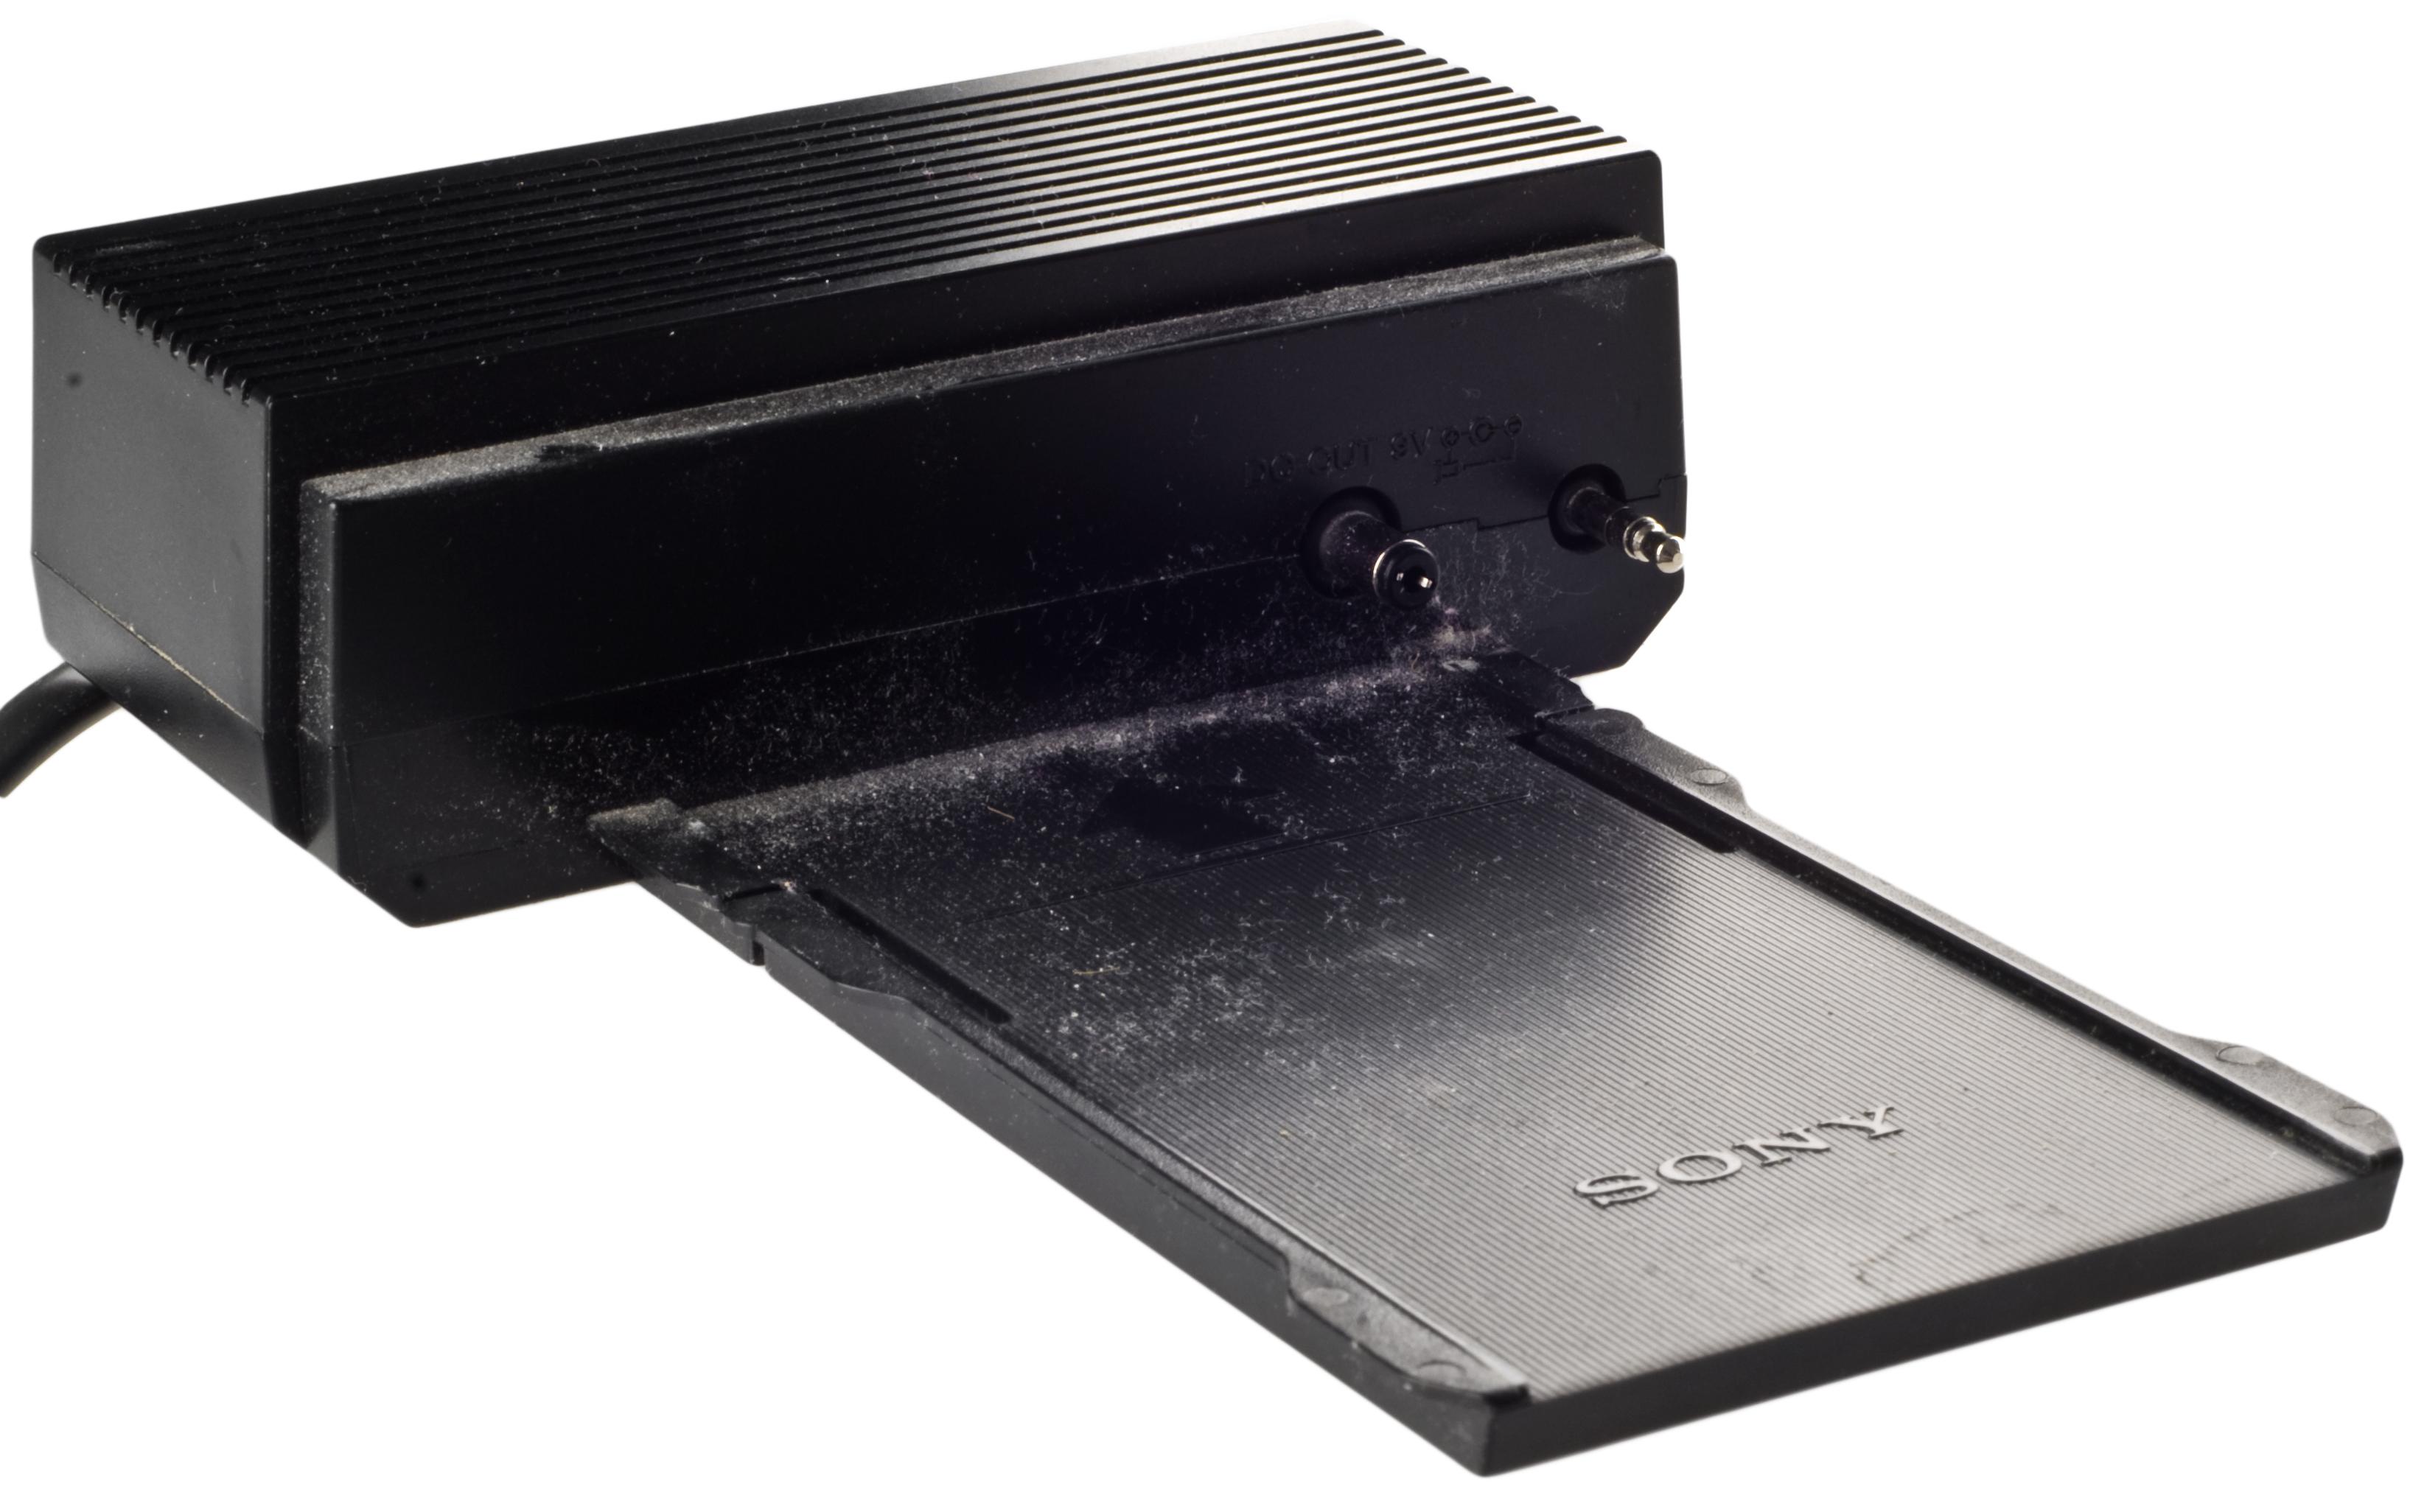 технологии второй половины 20 века: Sony Discman D-50